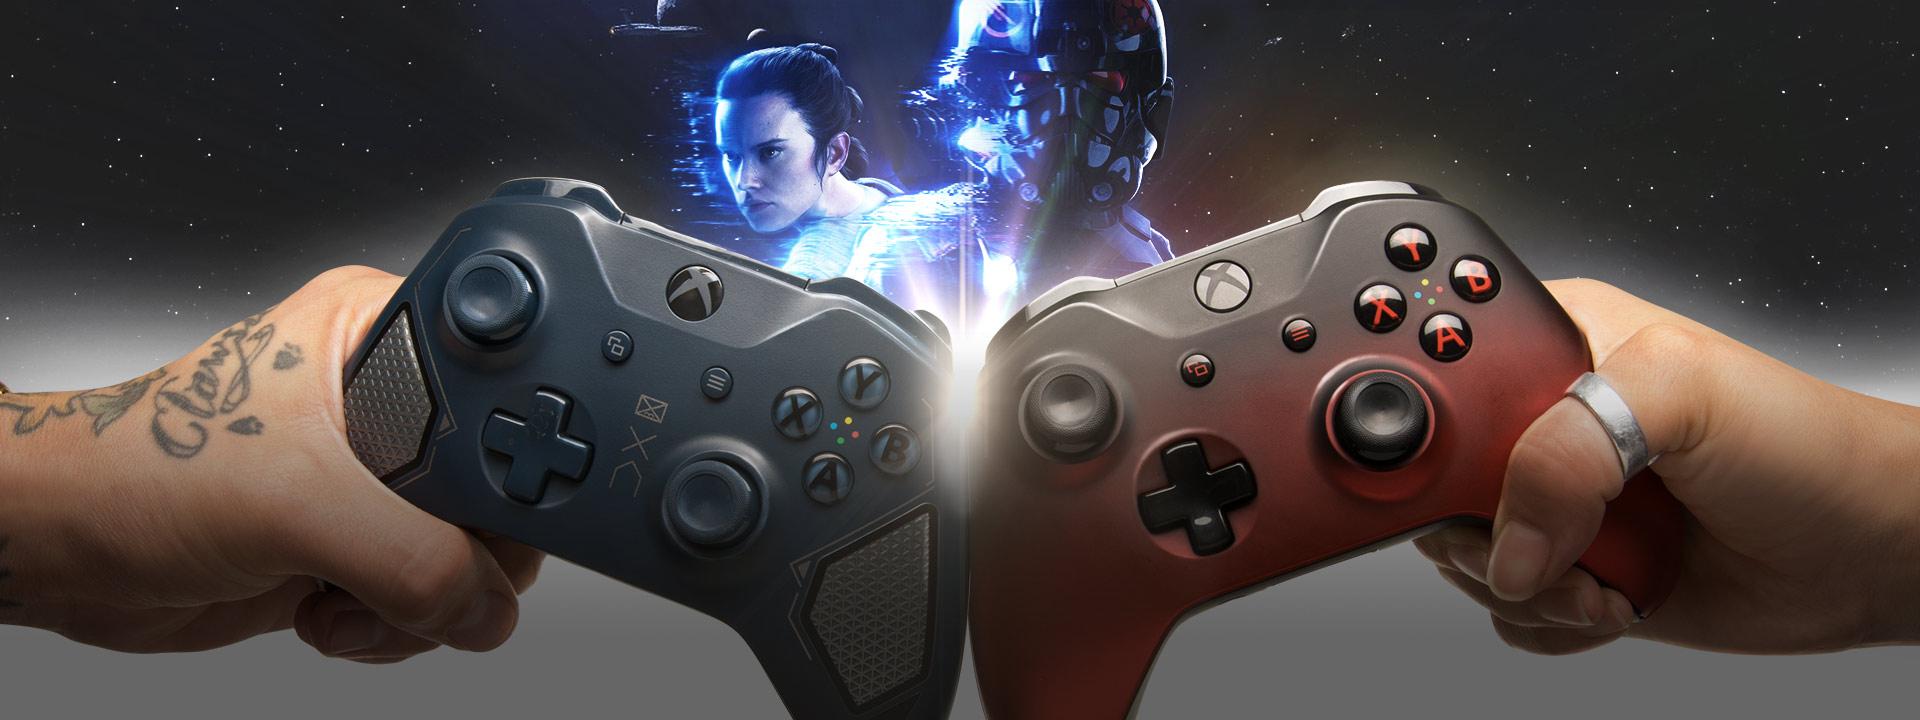 Personas que sostienen un Control Xbox Recon Tech y Volcano Shadow con Rey y un Comandante Imperial en el fondo